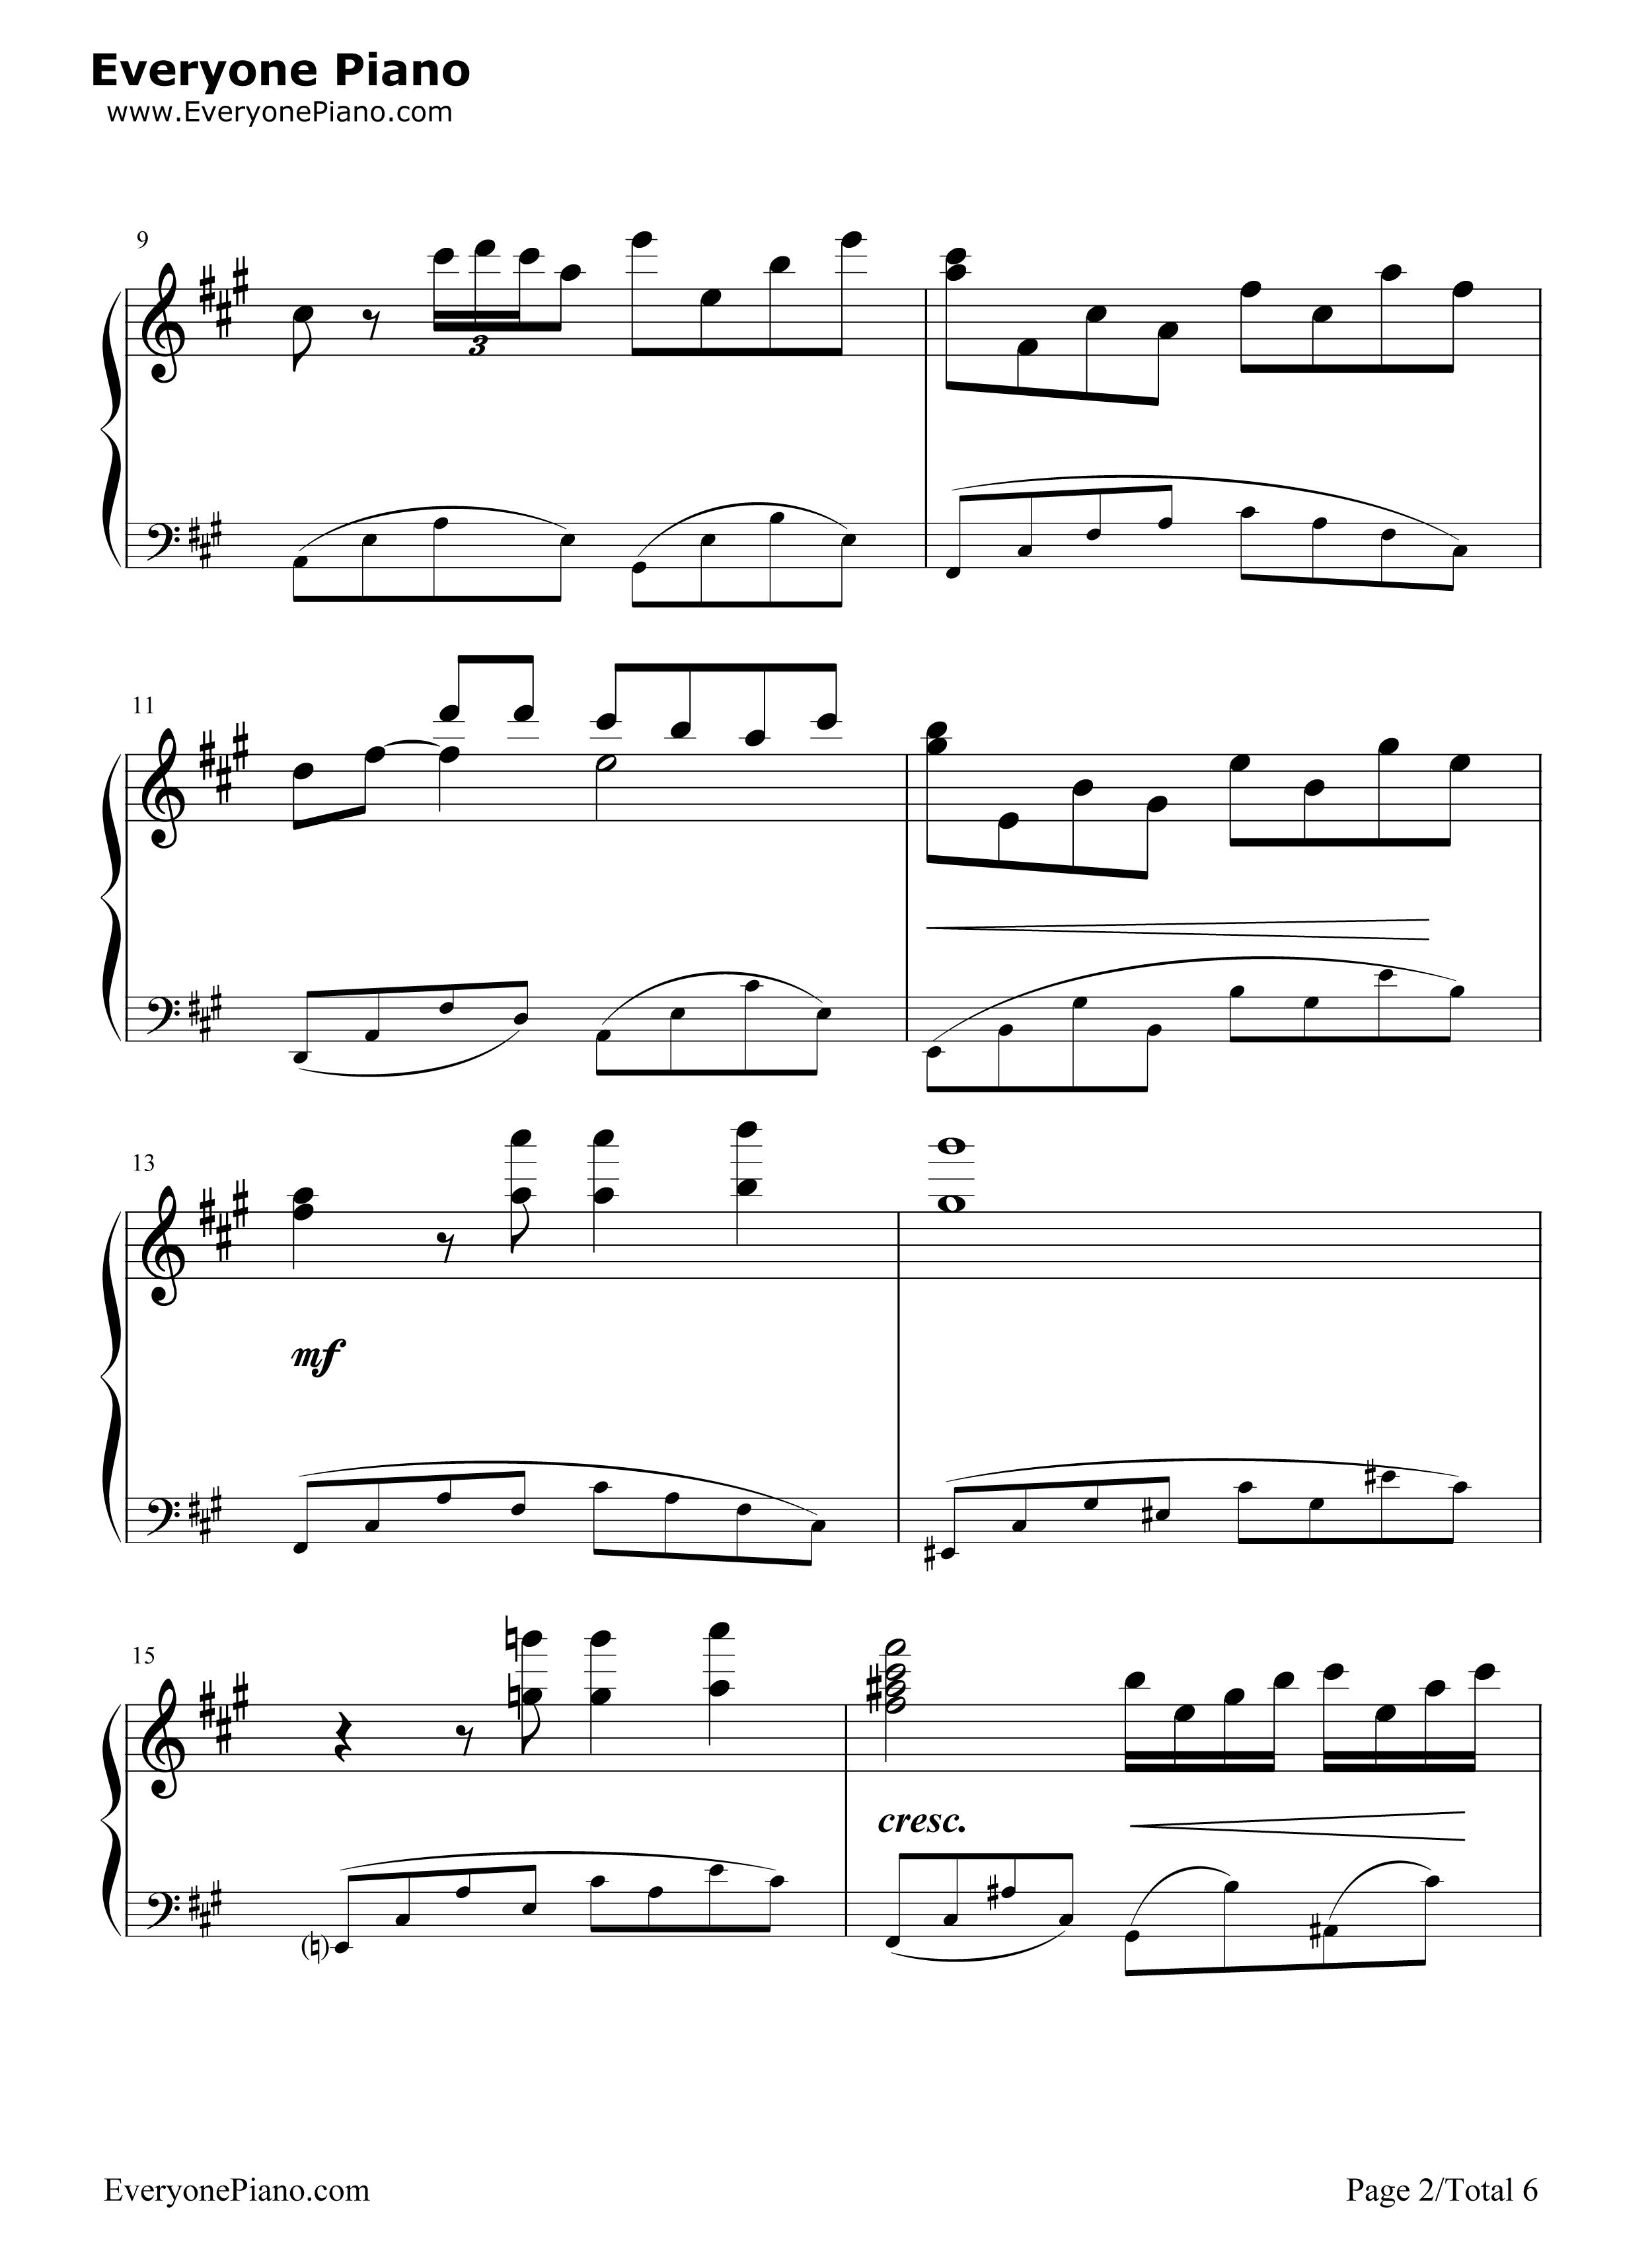 Tears in heaven piano tutorial easy.